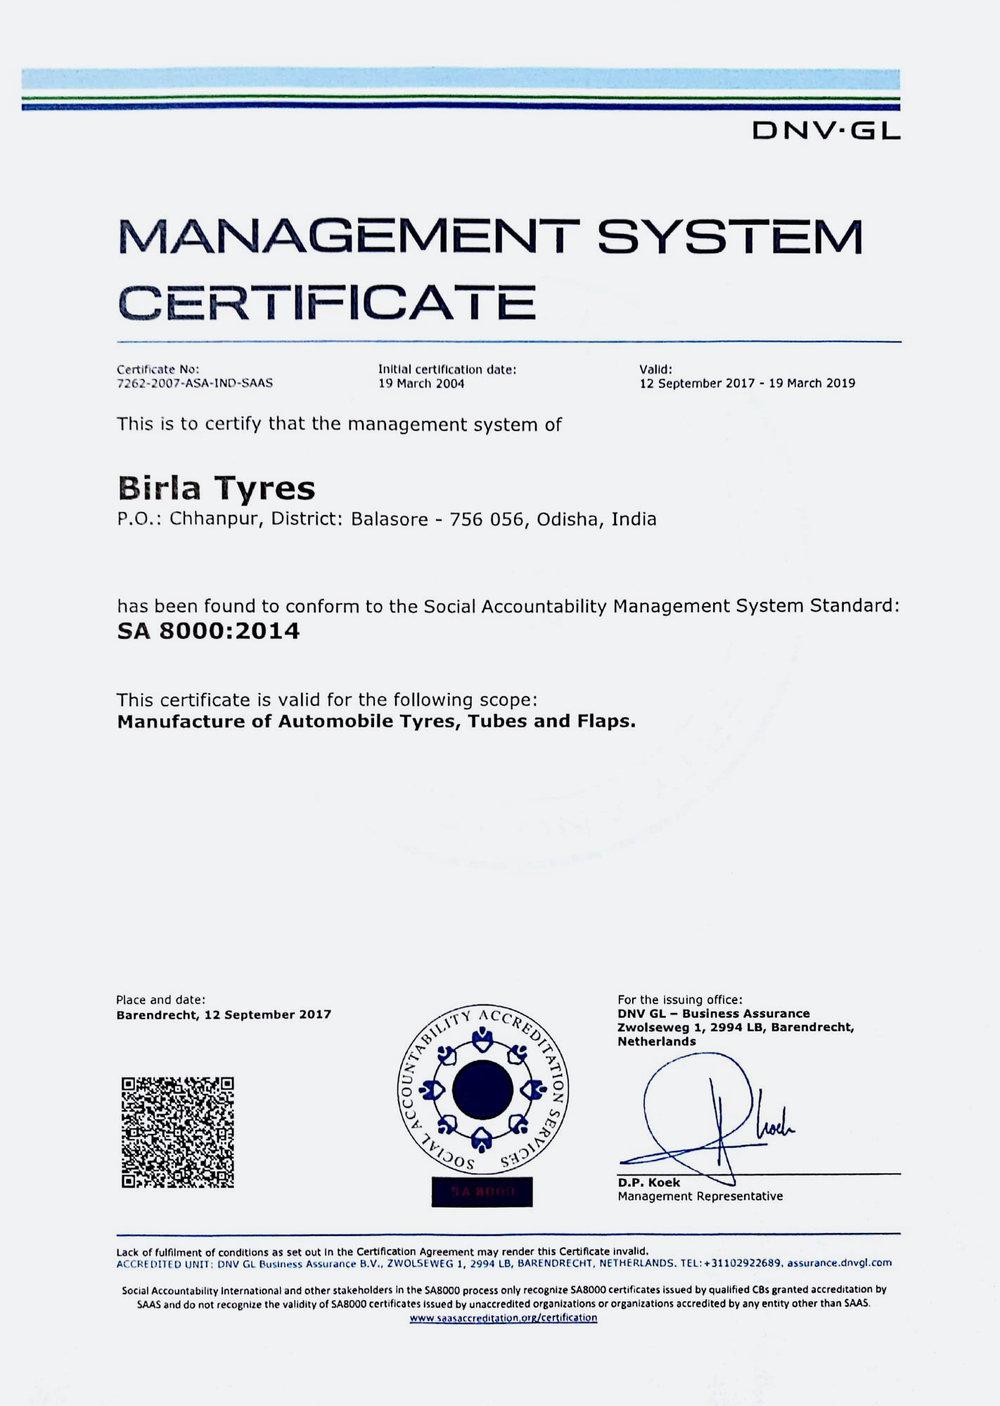 Birla_Certifcate-SA-8000-2014-2.jpg